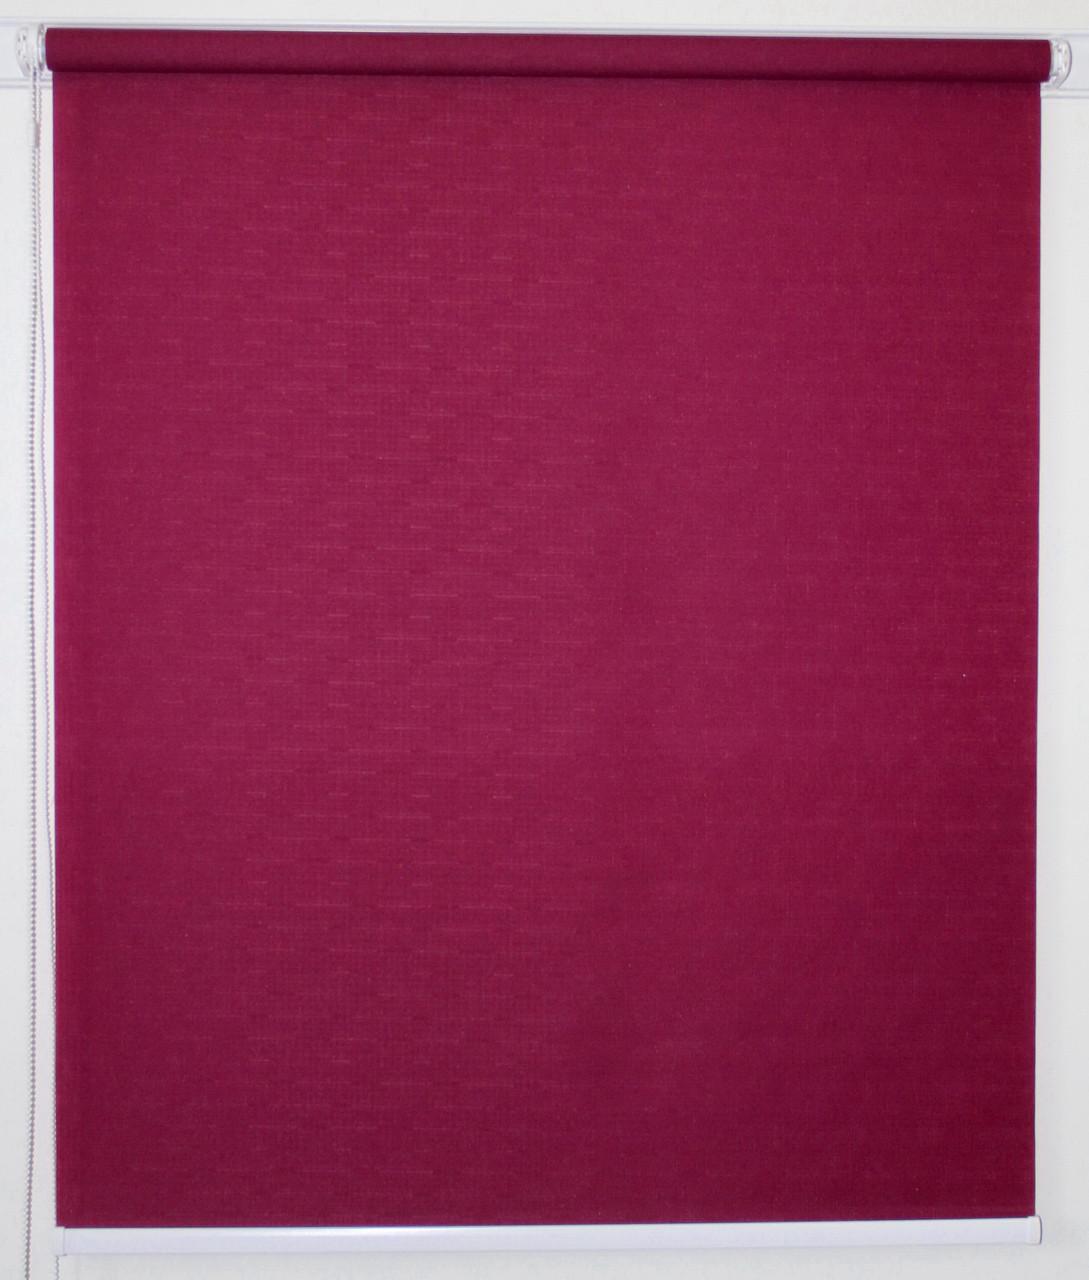 Рулонная штора 1050*1500 Ткань Лён 7435 Фуксия